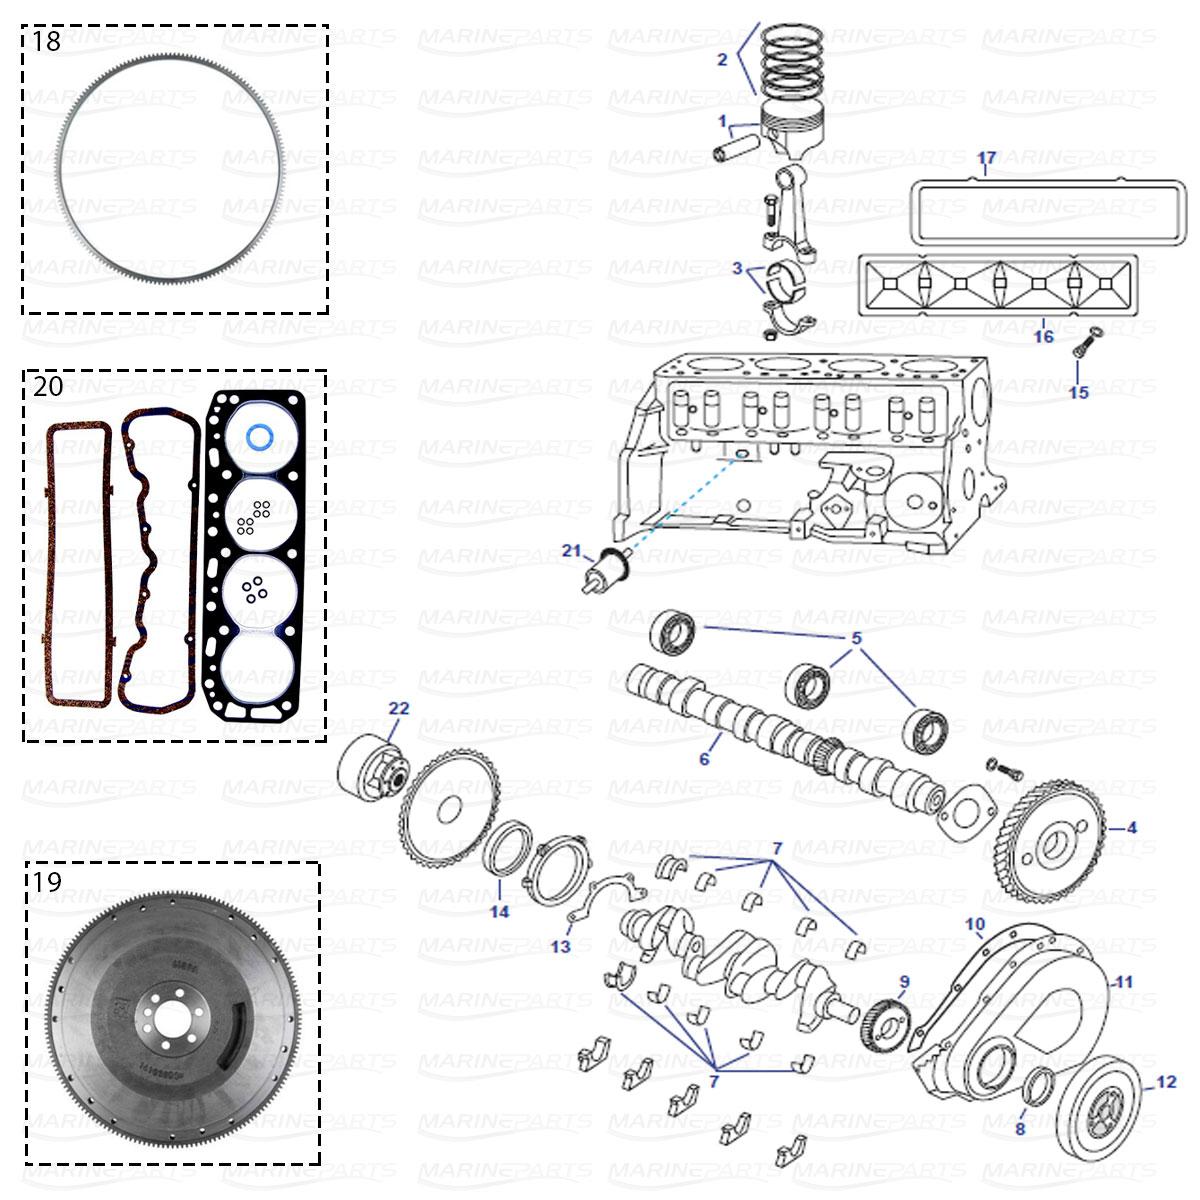 Engine Coupler For Volvo Penta Amp Omc 2 5 3 0 4 3 5 0 5 7 7